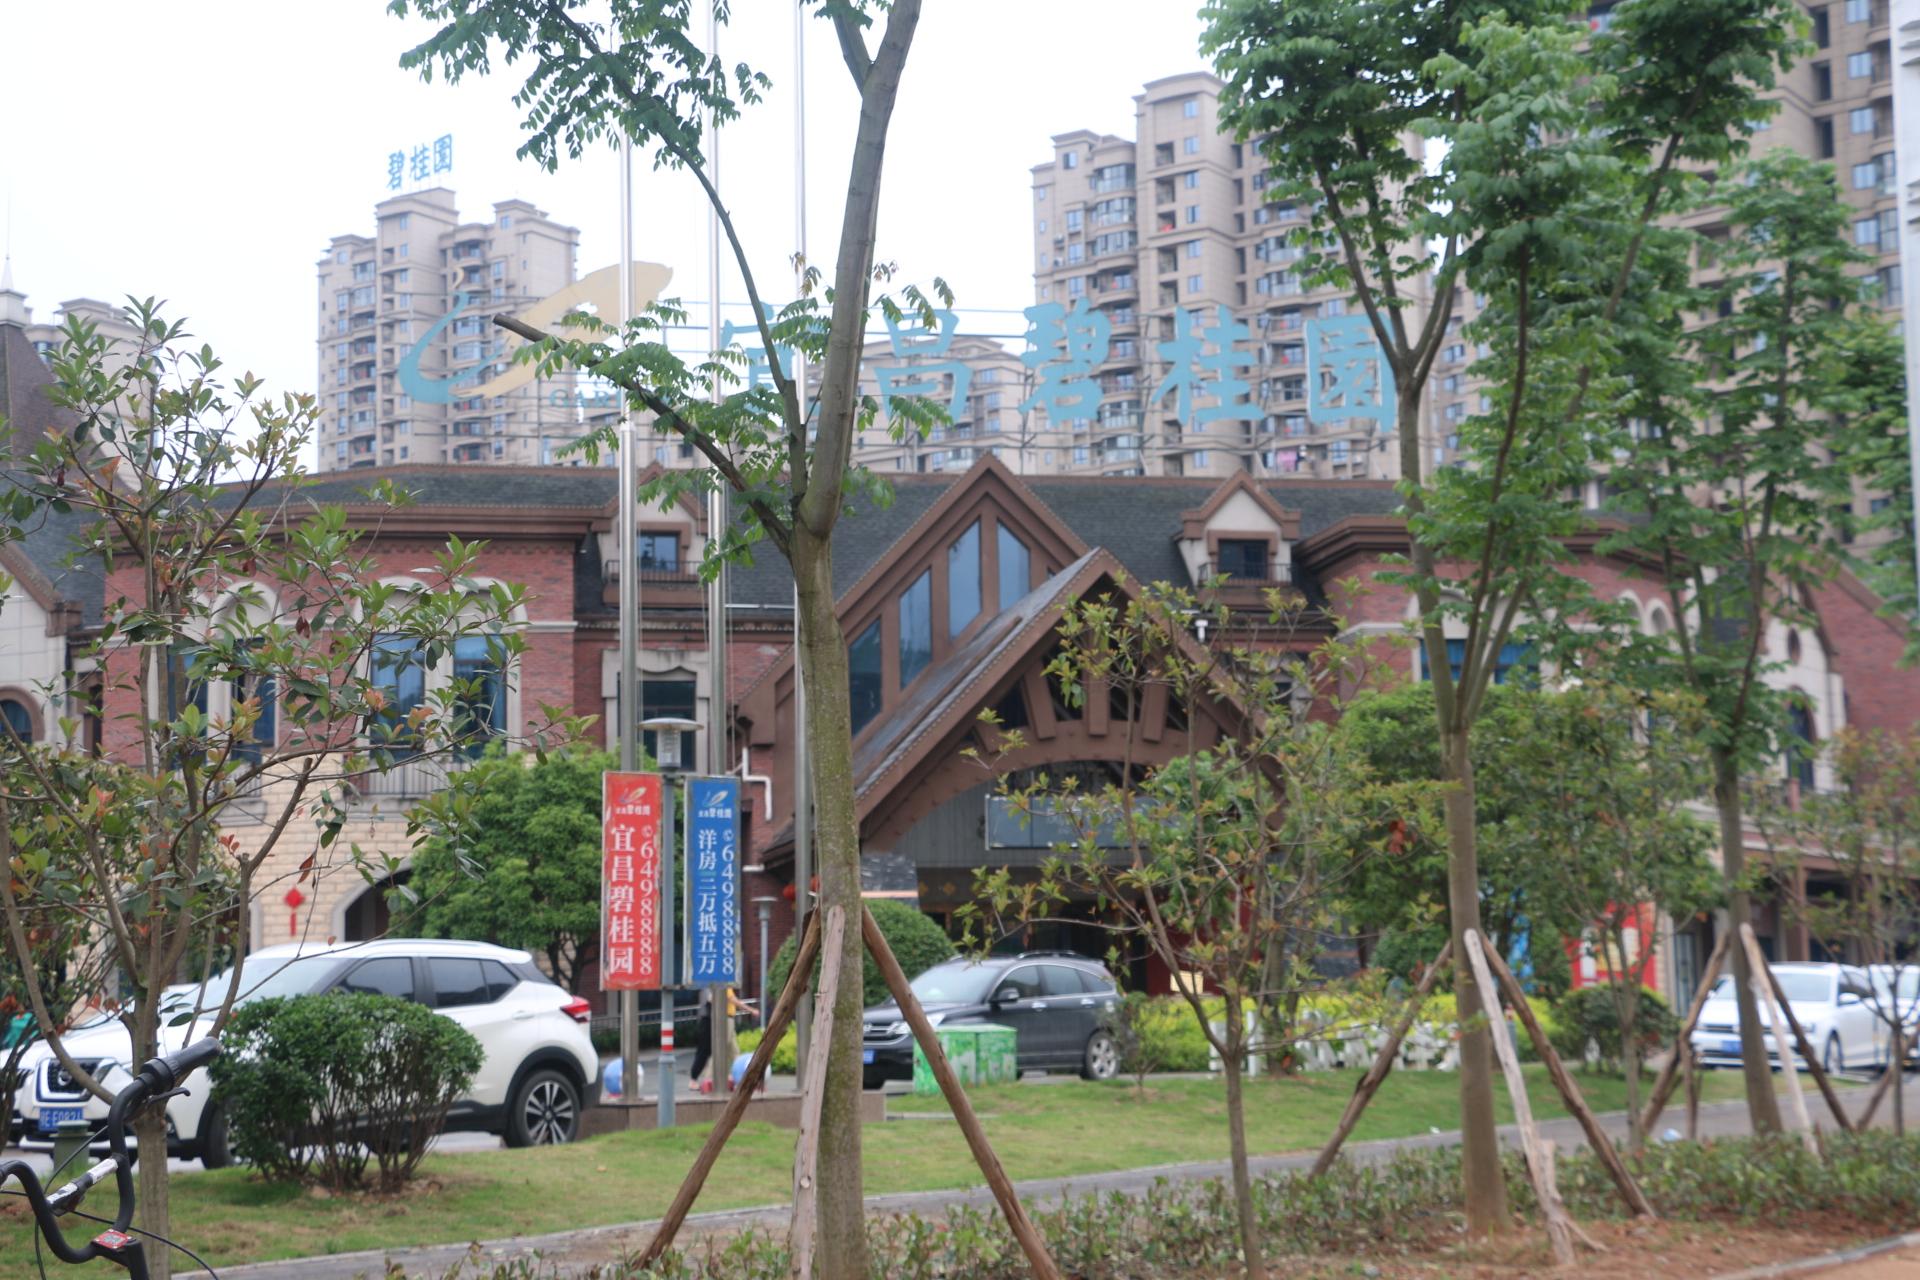 宜昌·碧桂园丨地暖,让您的家享受品质舒适生活!